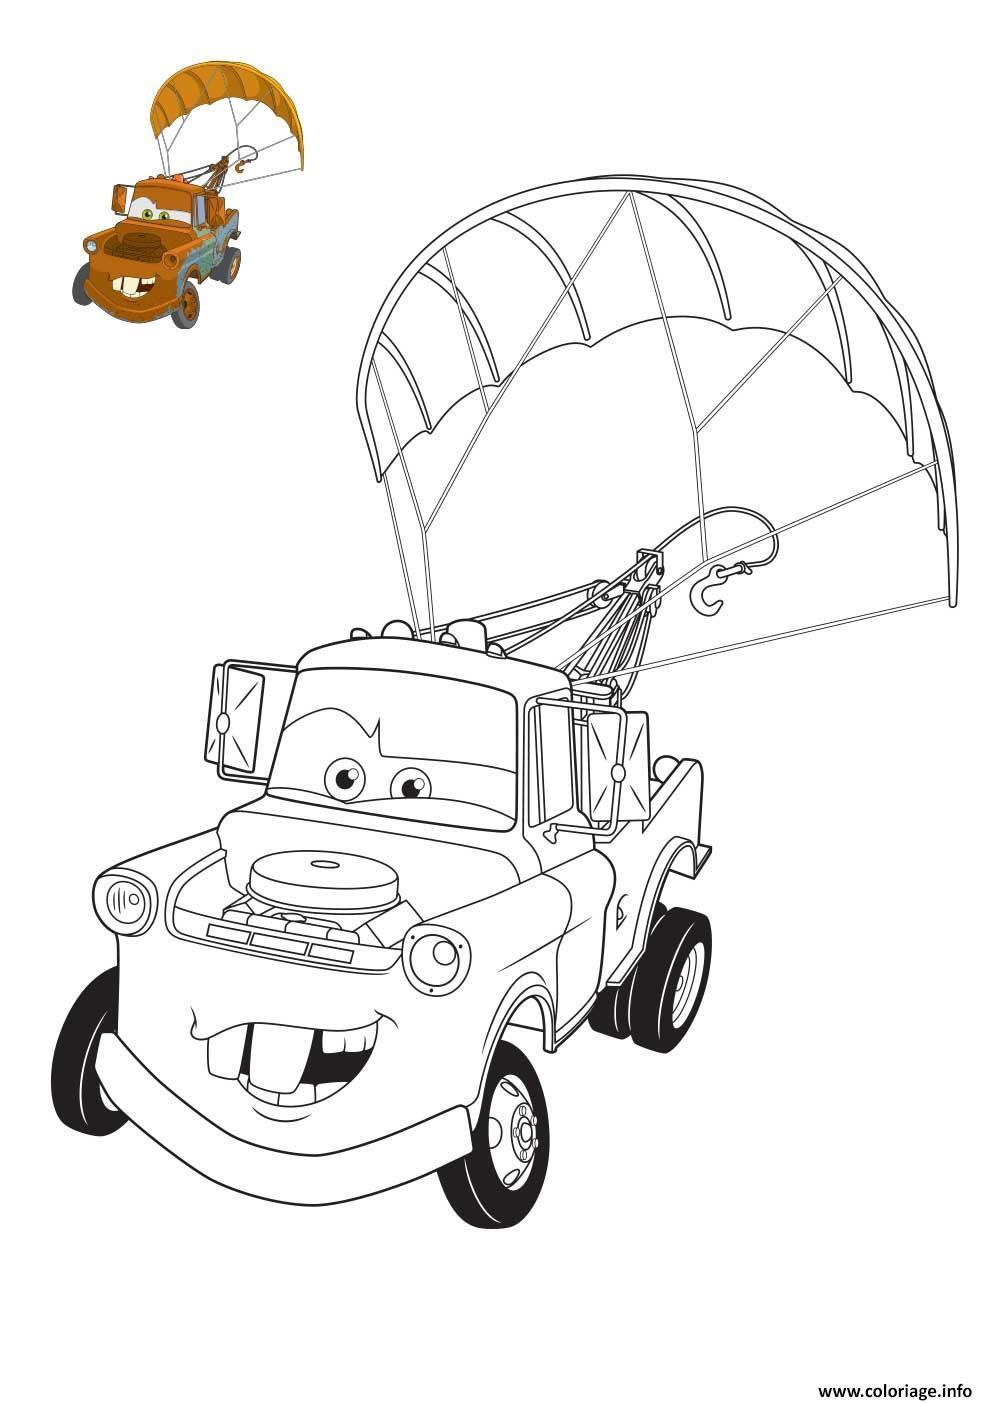 Coloriage film cars 3 martin la depanneuse avec dessin a - Depanneuse cars ...